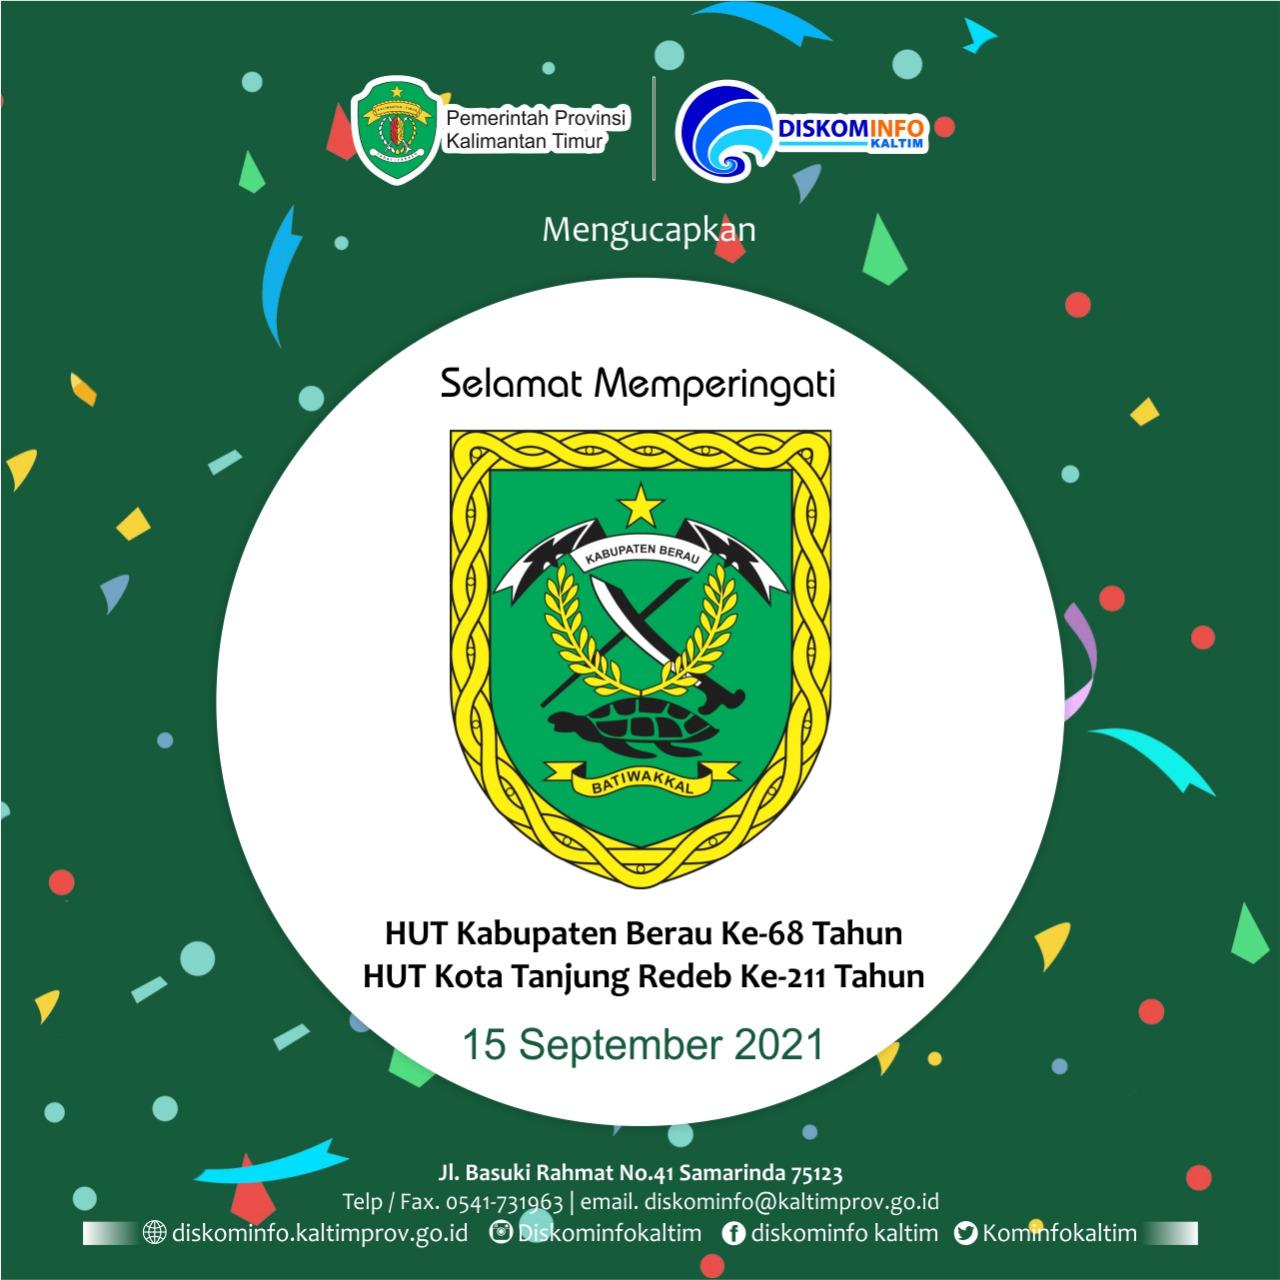 HUT Kabupaten Berau Ke 68 Tahun dan HUT Kota Tanjung Redeb Ke- 211